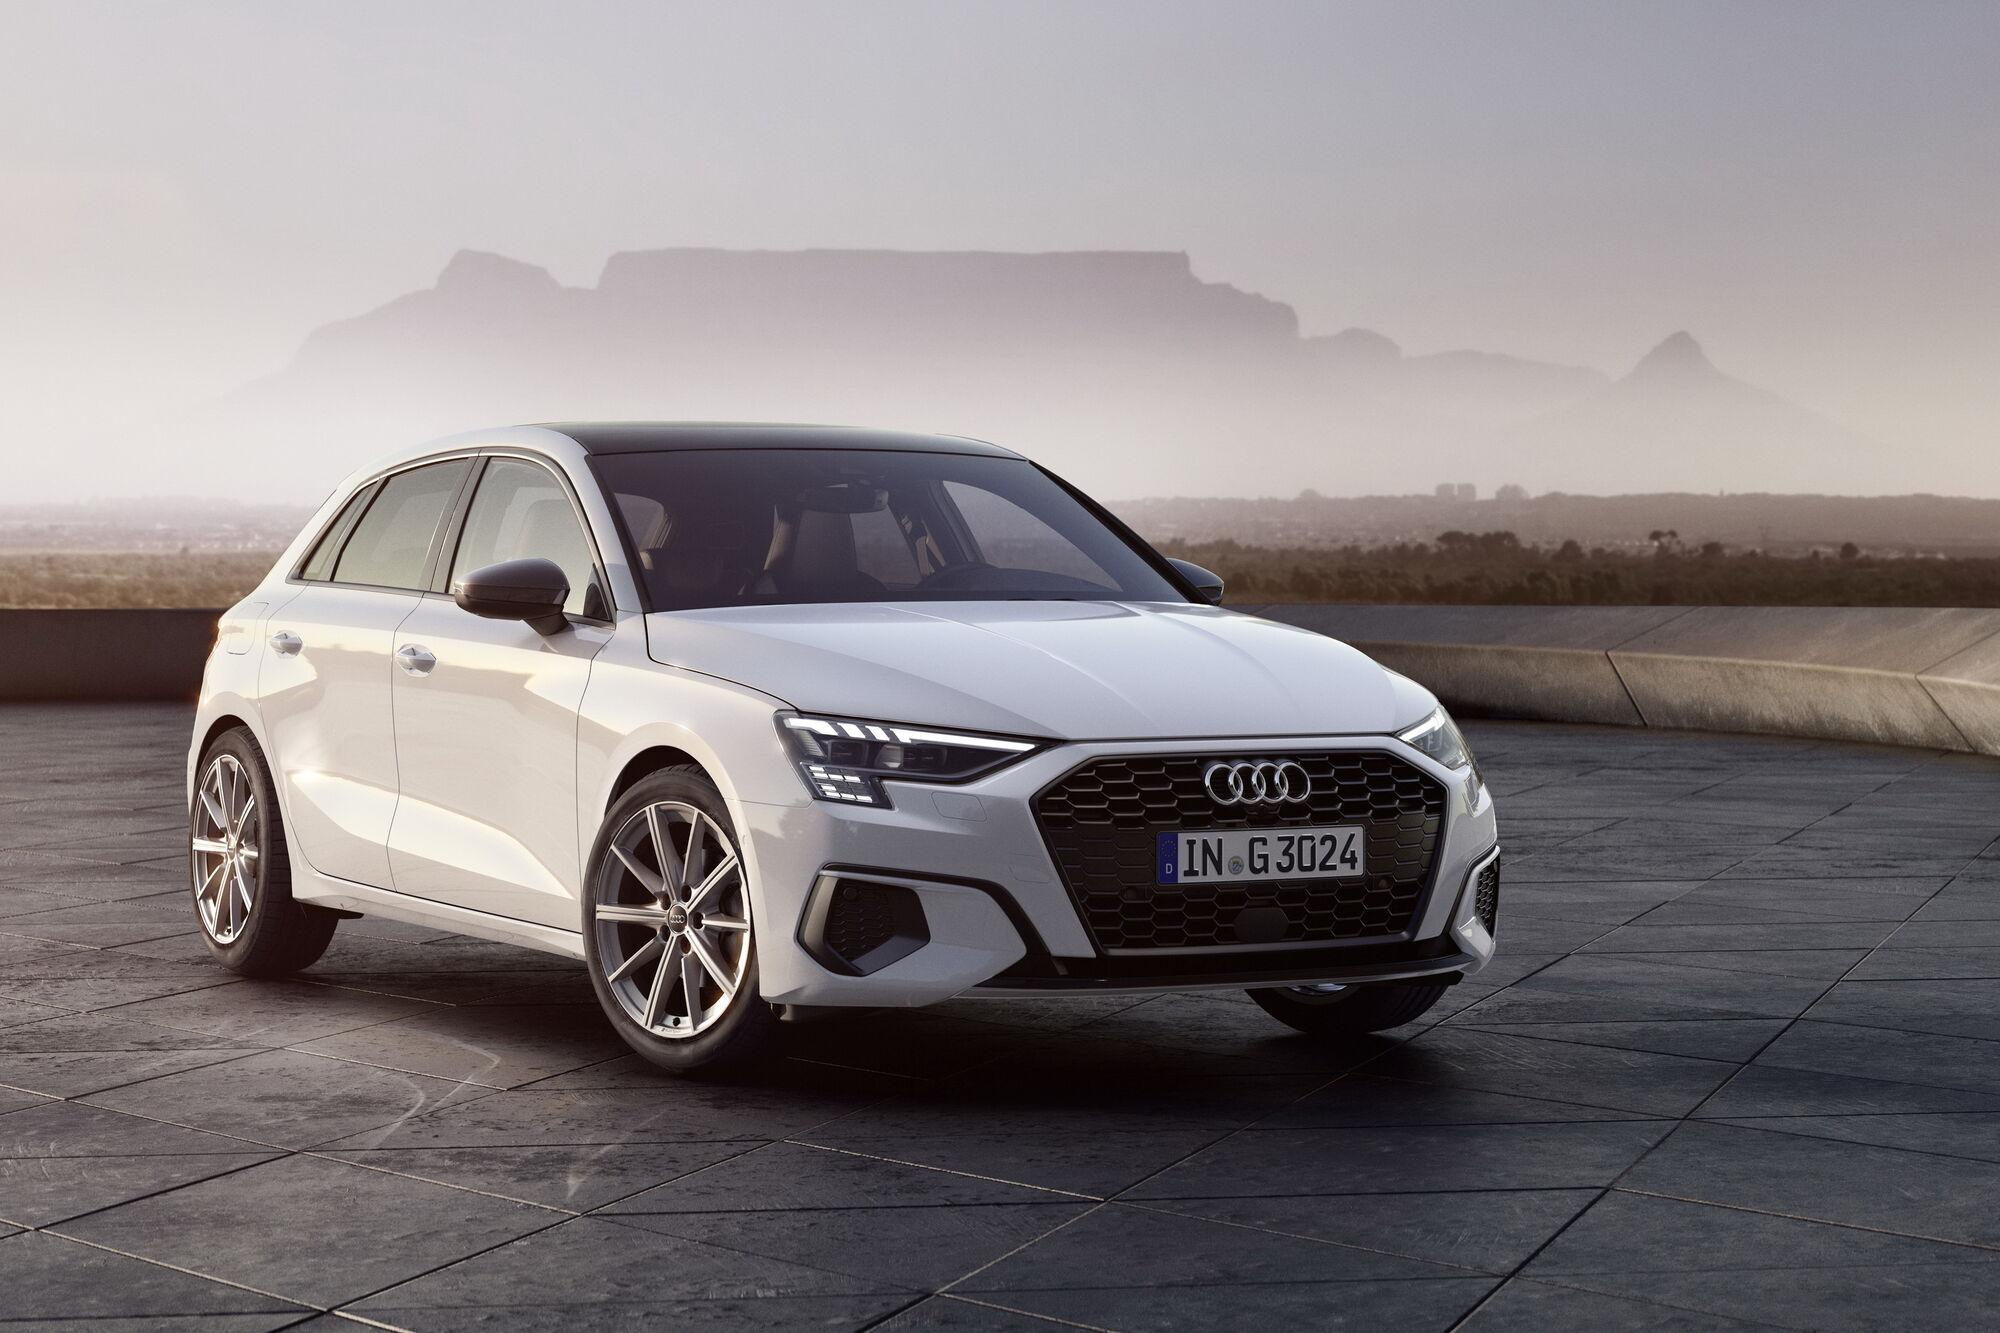 Зовні Audi A3 Sportback 30 g-tron нічим не відрізняється від своїх бензинових побратимів. Фото: